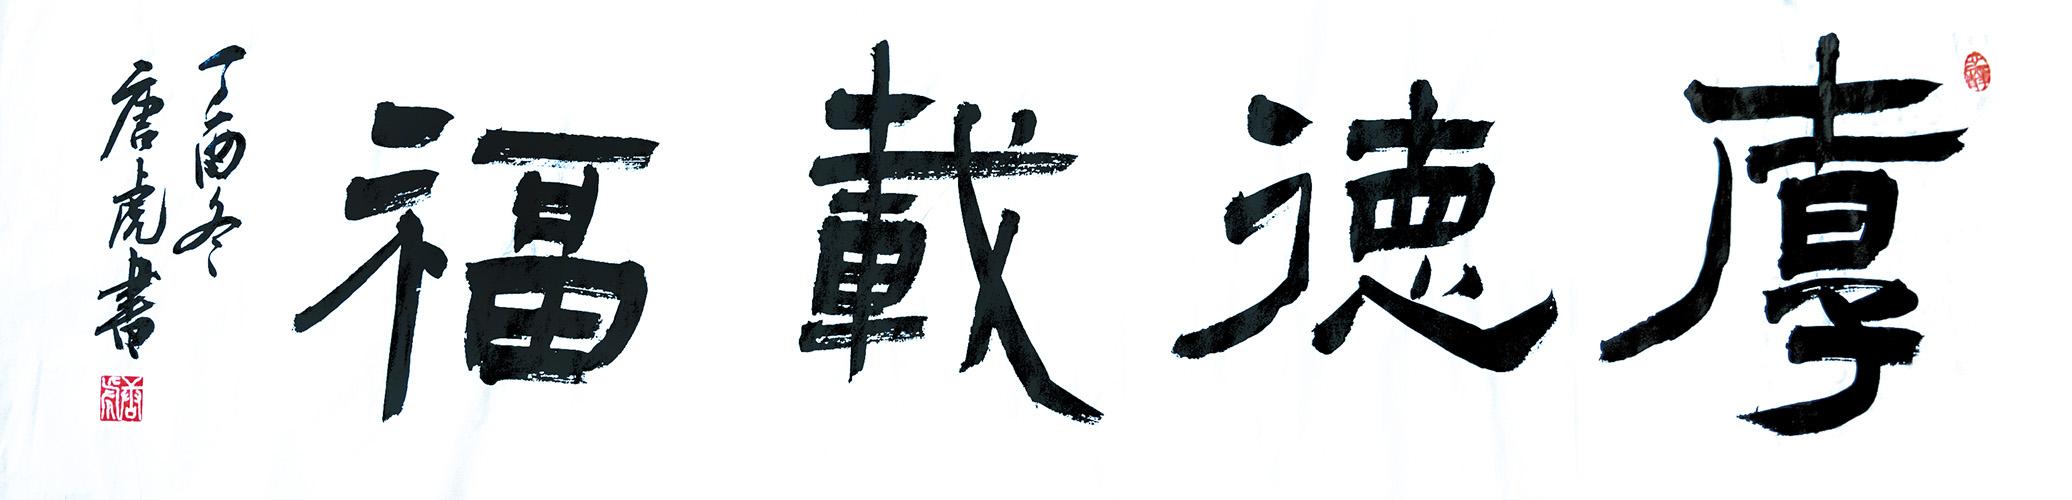 唐虎作品之一 (7)